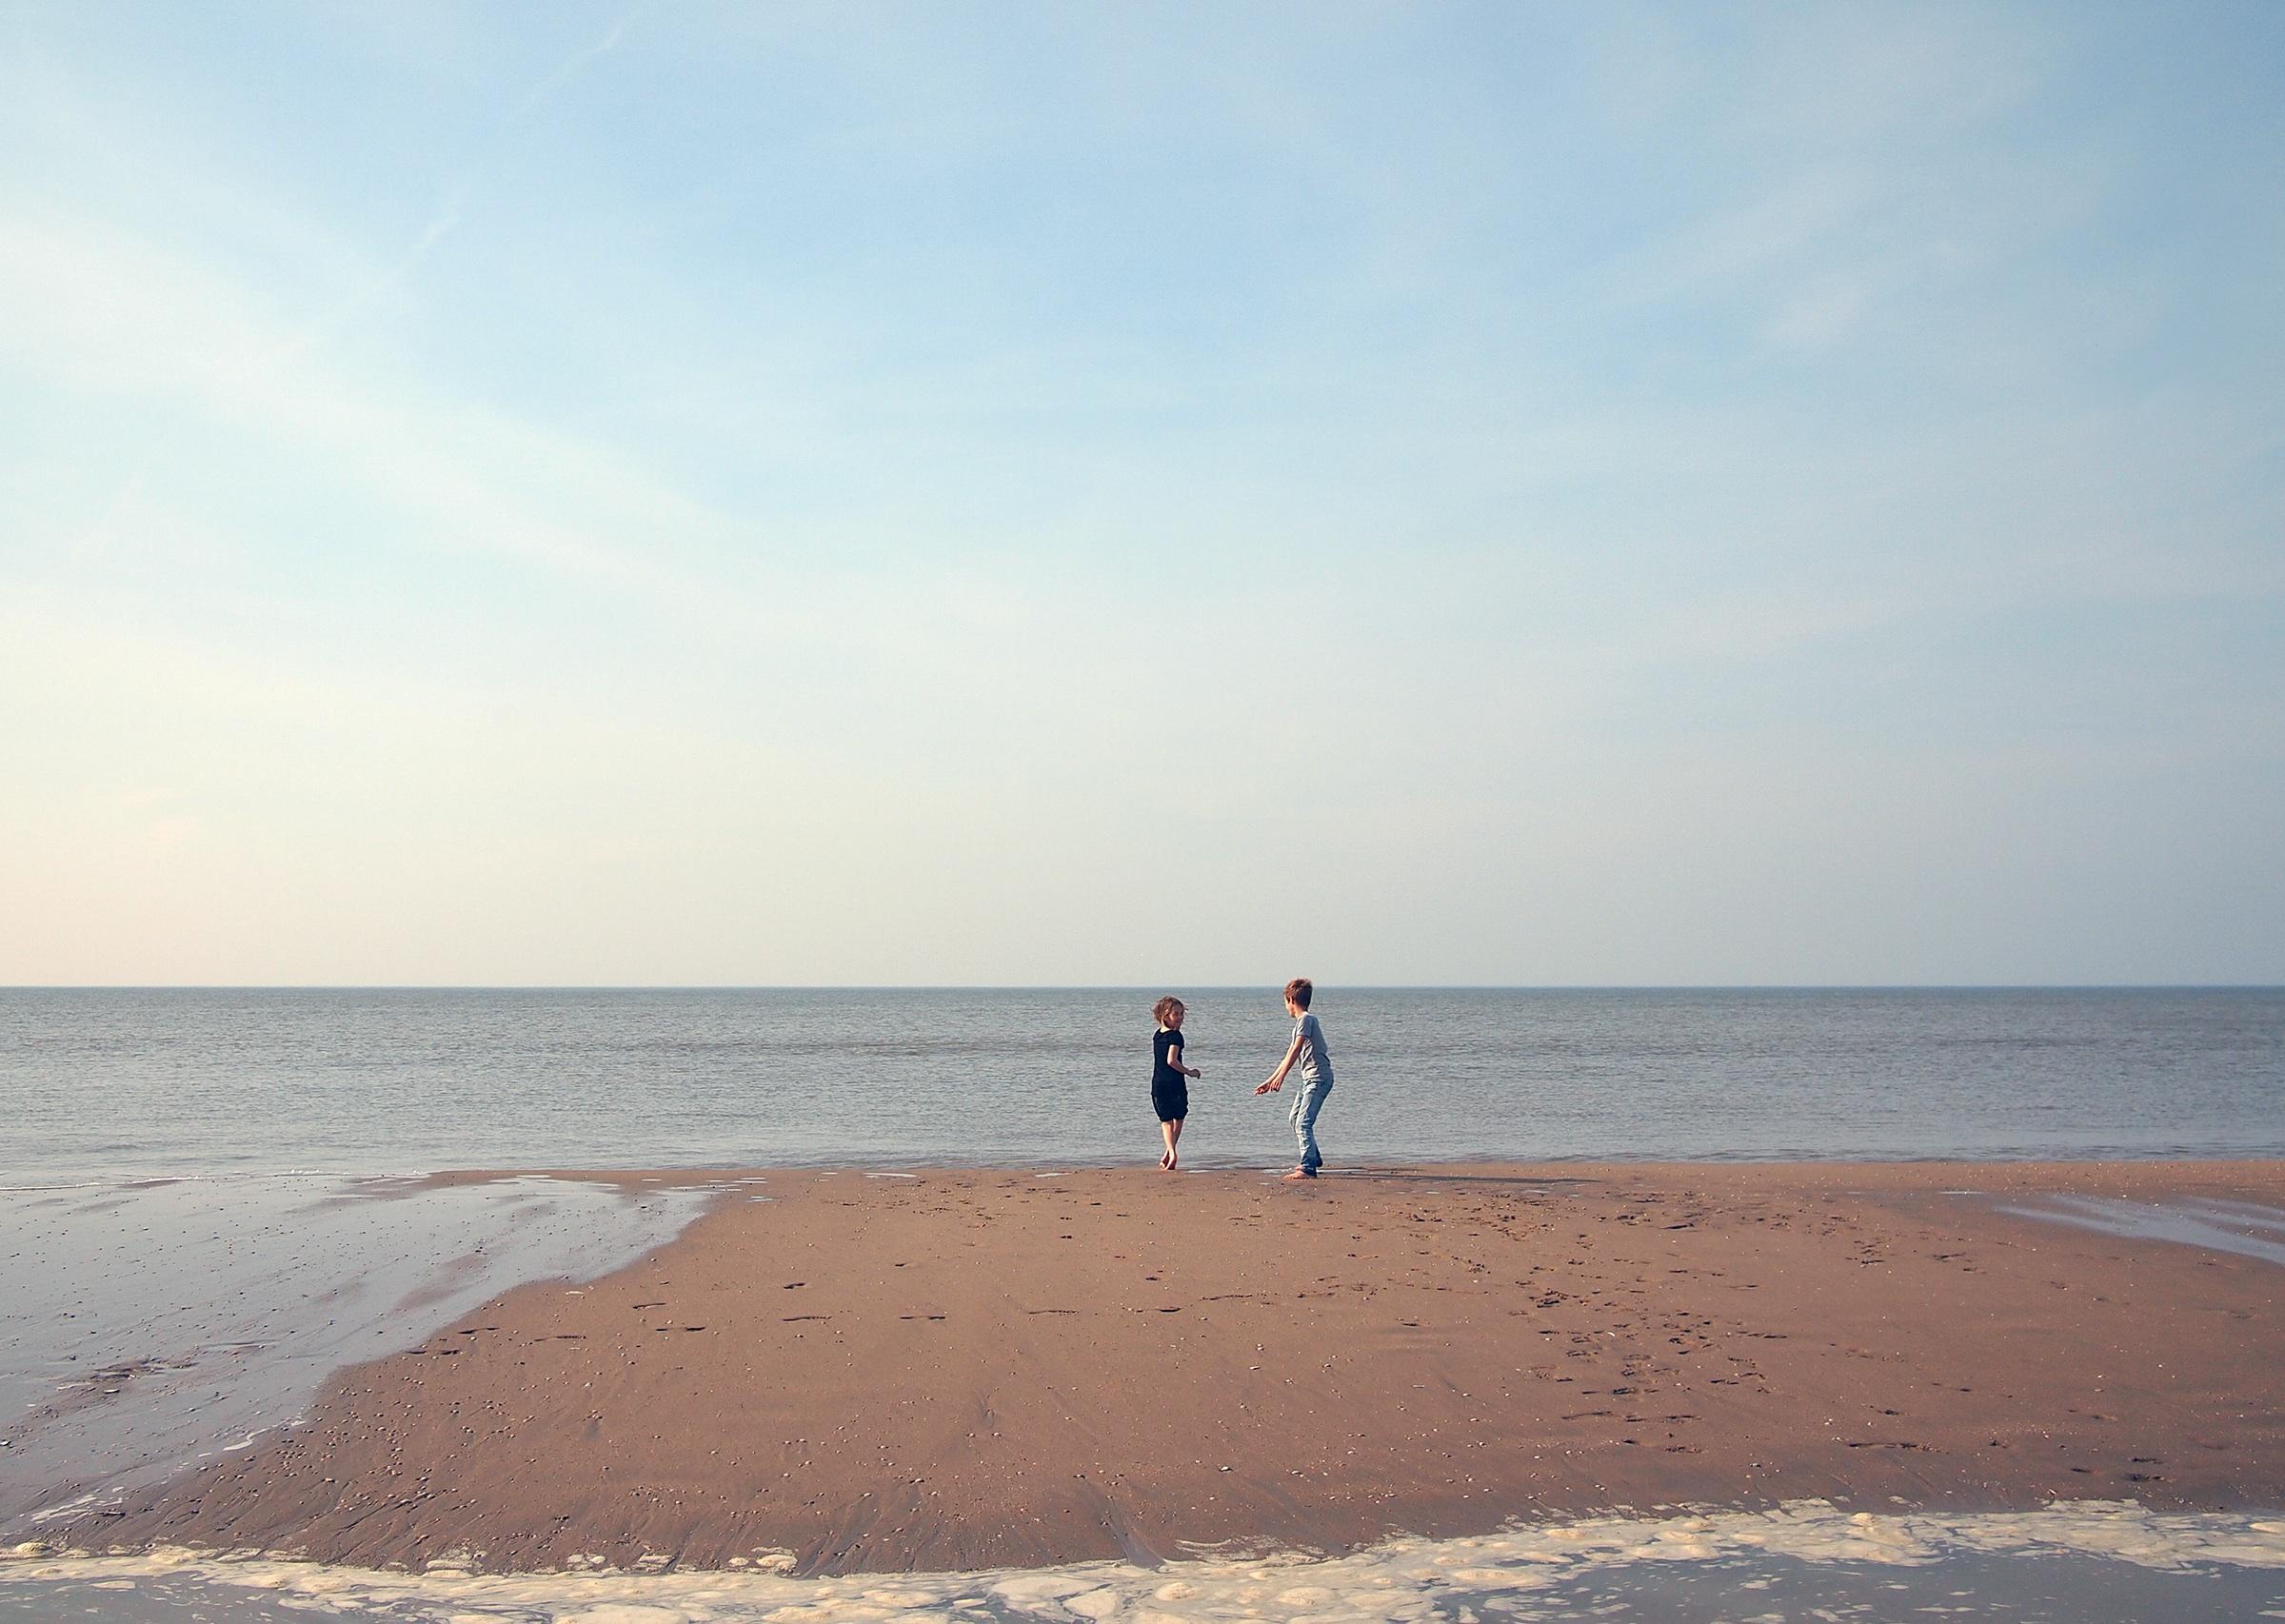 ninos jugando en la playa